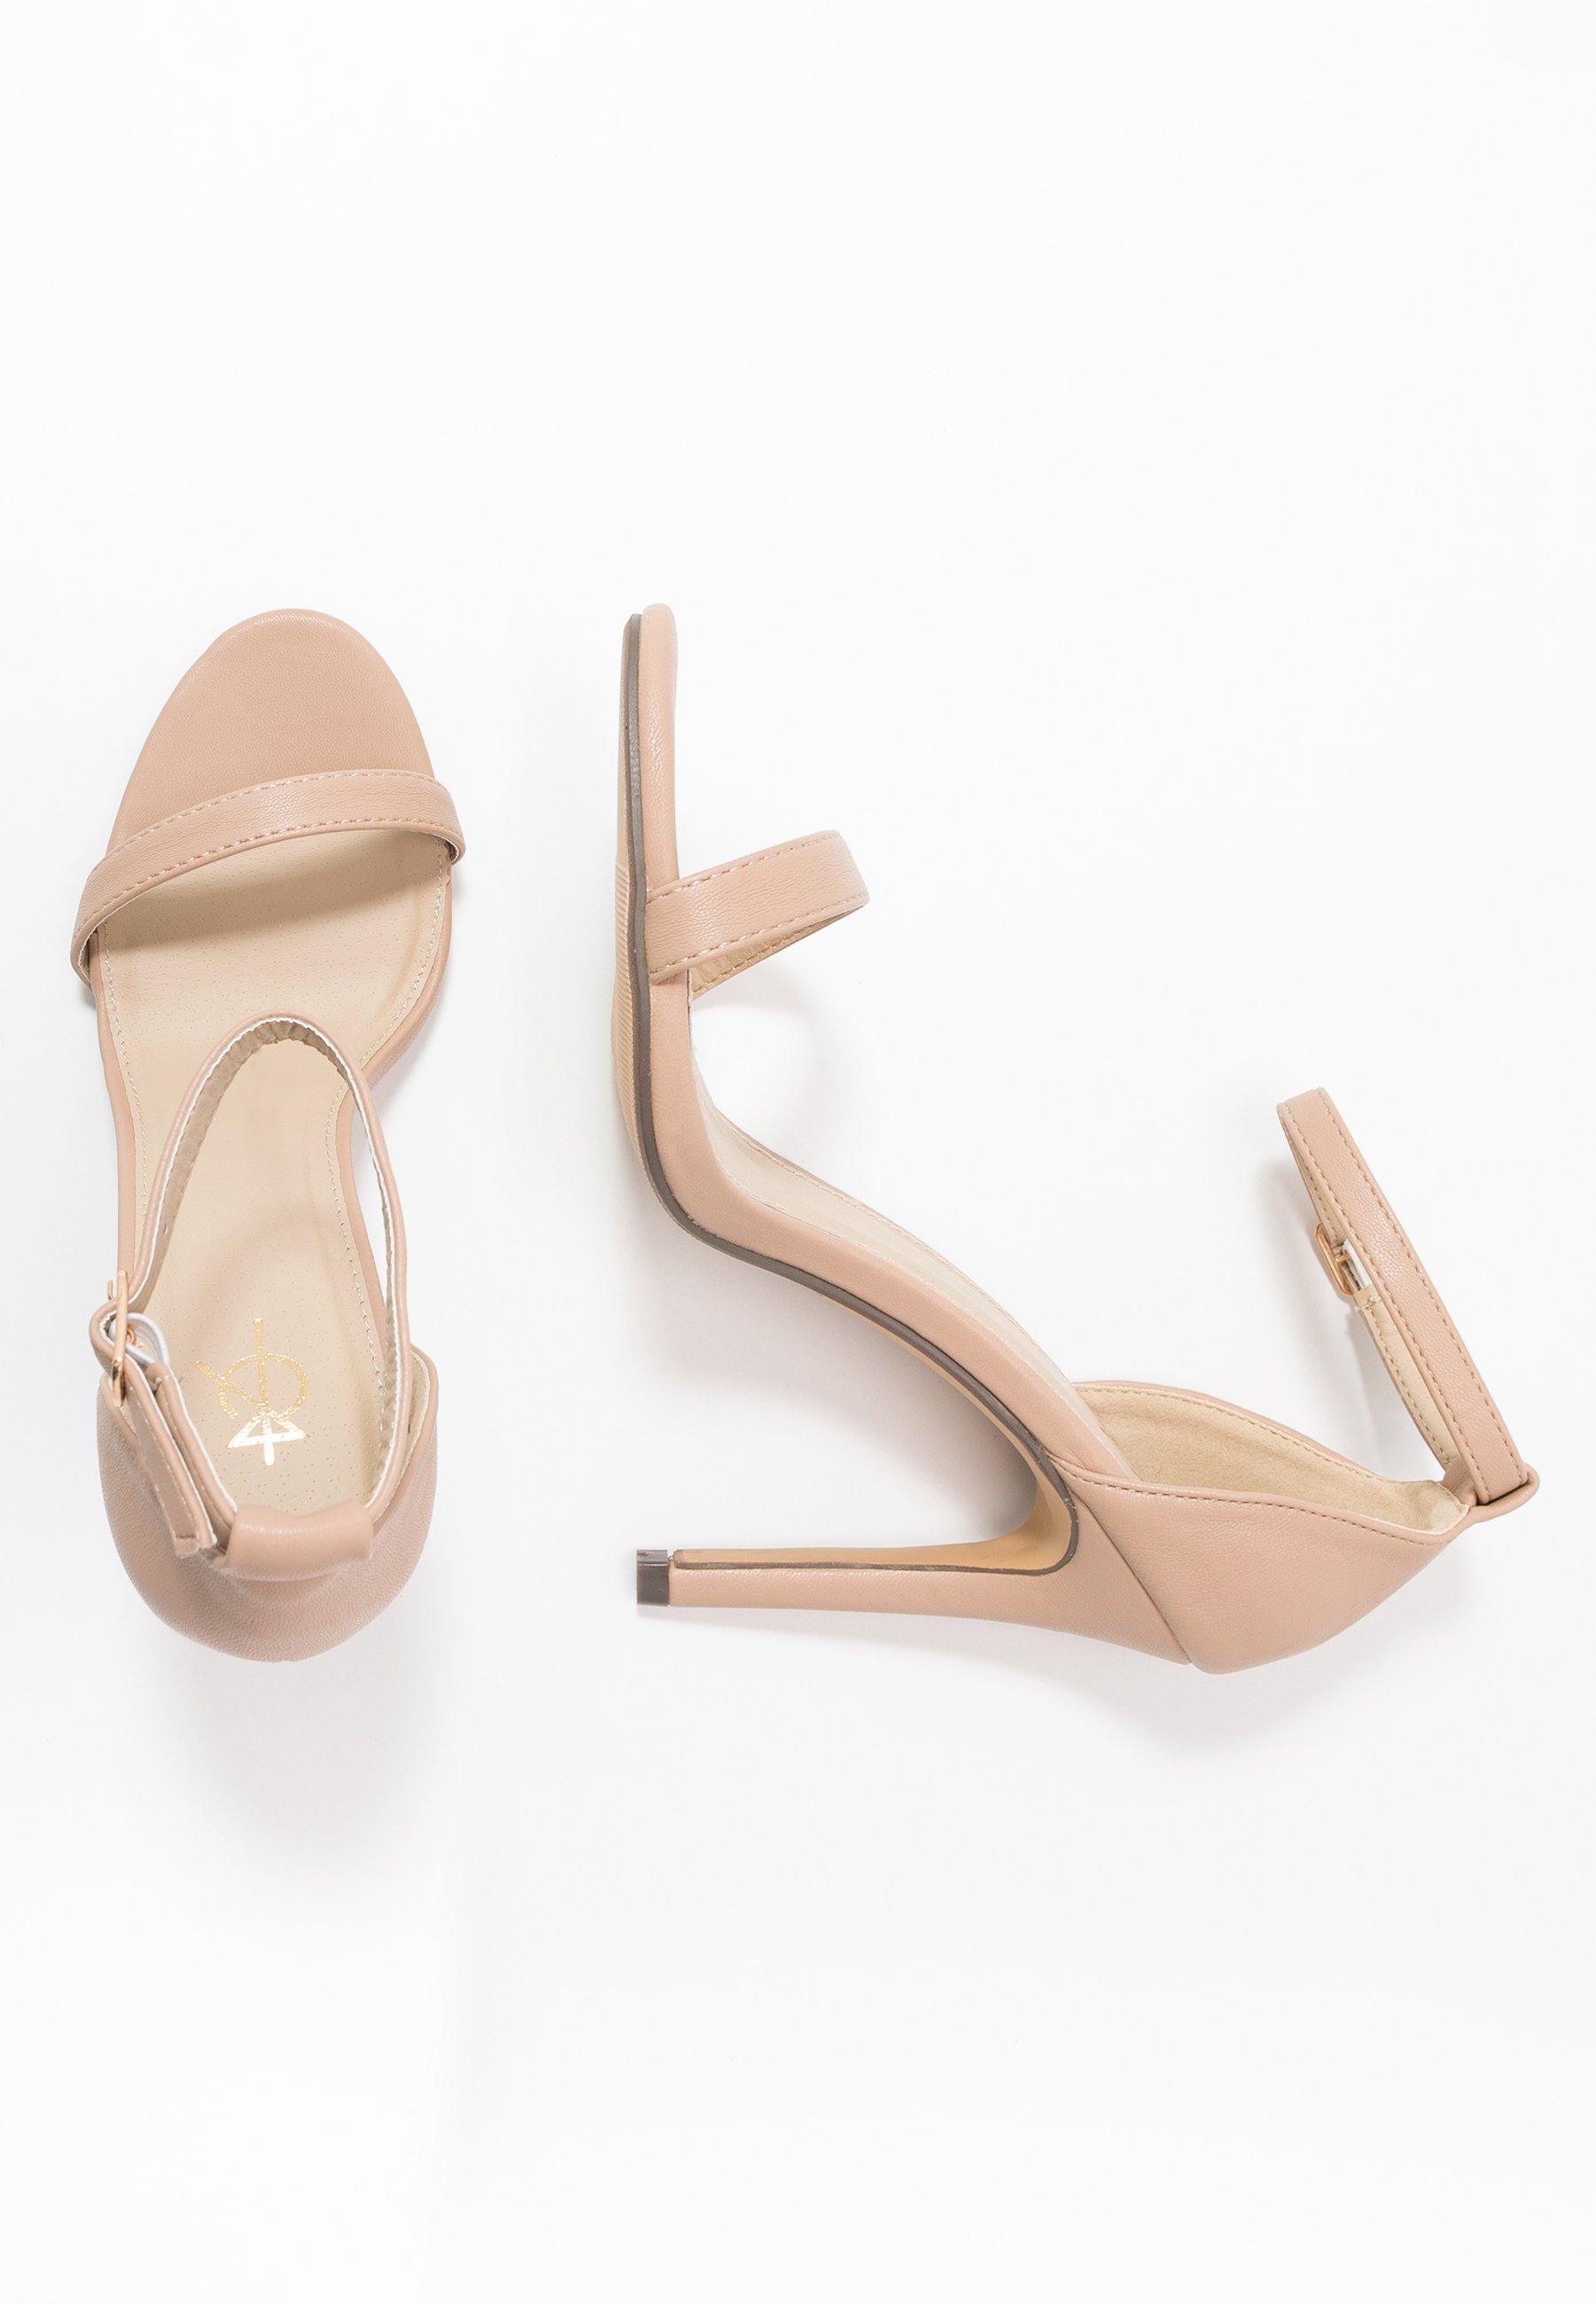 4th & Reckless Jasmine - Højhælede Sandaletter / Sandaler Nude